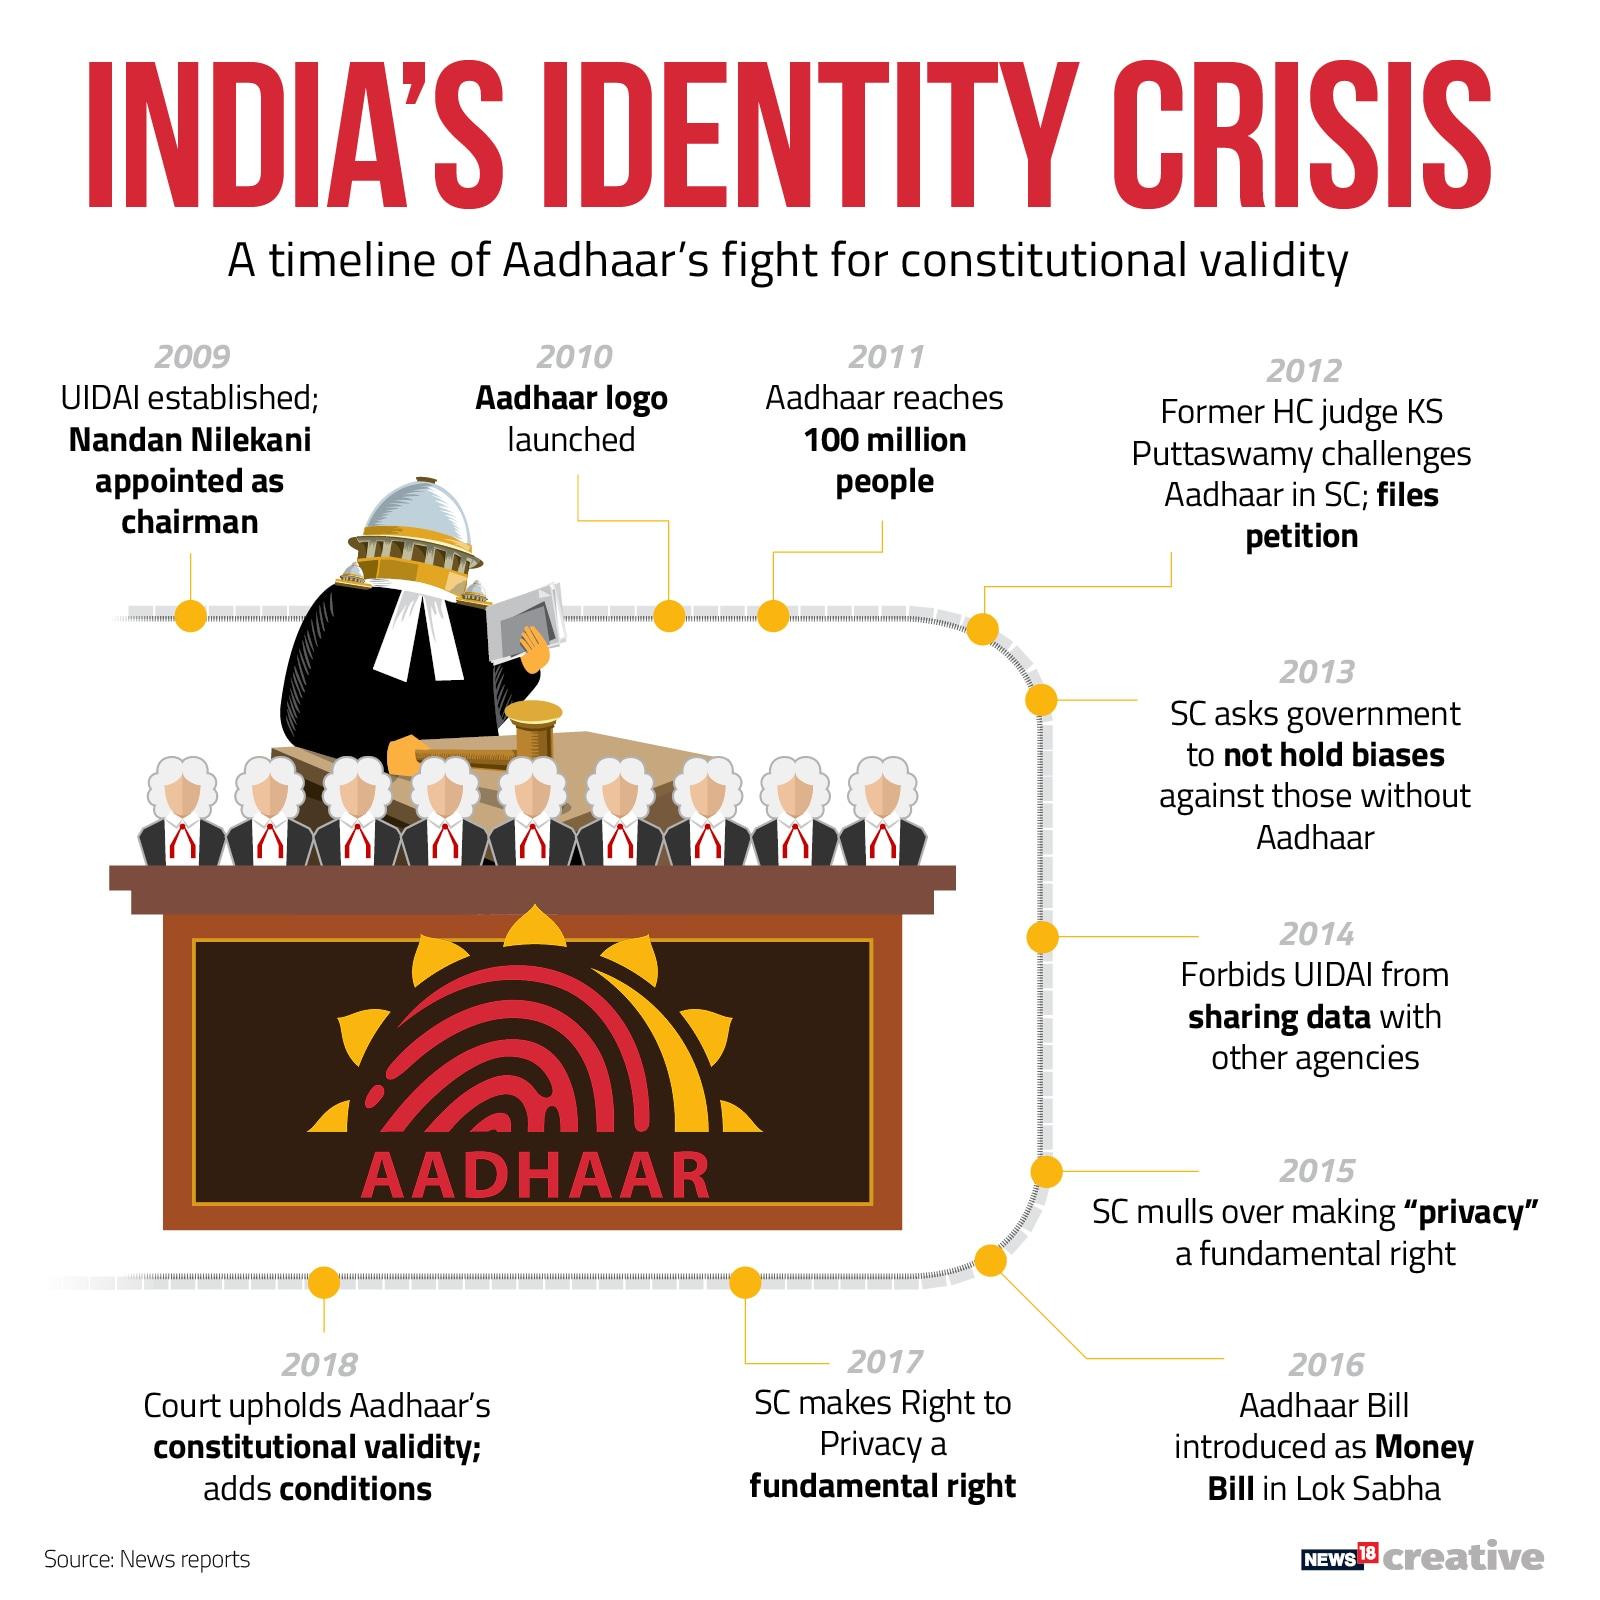 Aadhaar timeline